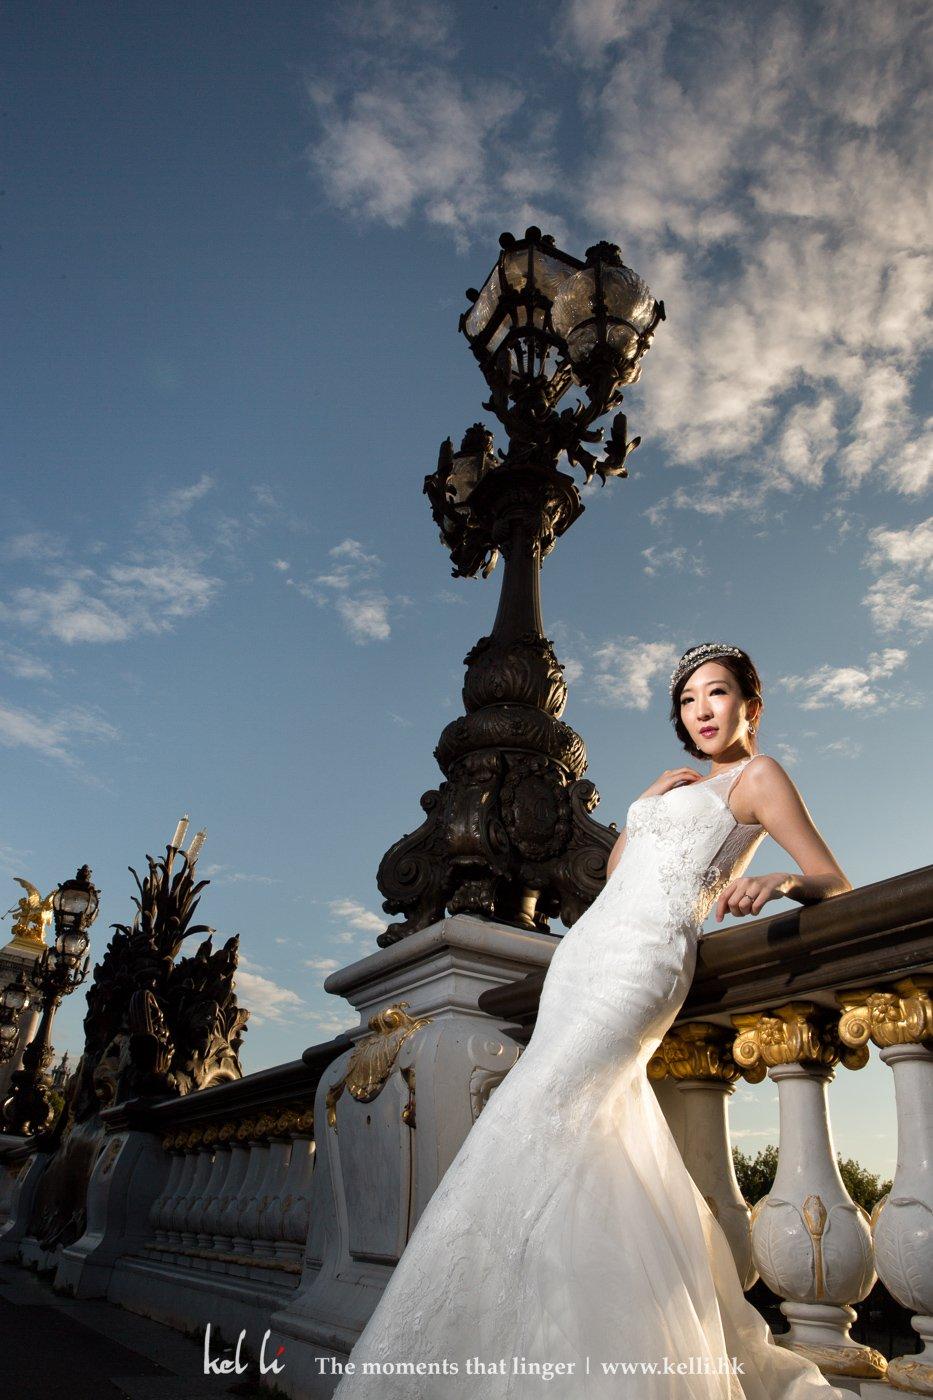 新人在拍攝婚紗照時必須表現自信,這樣才拍出自信美麗